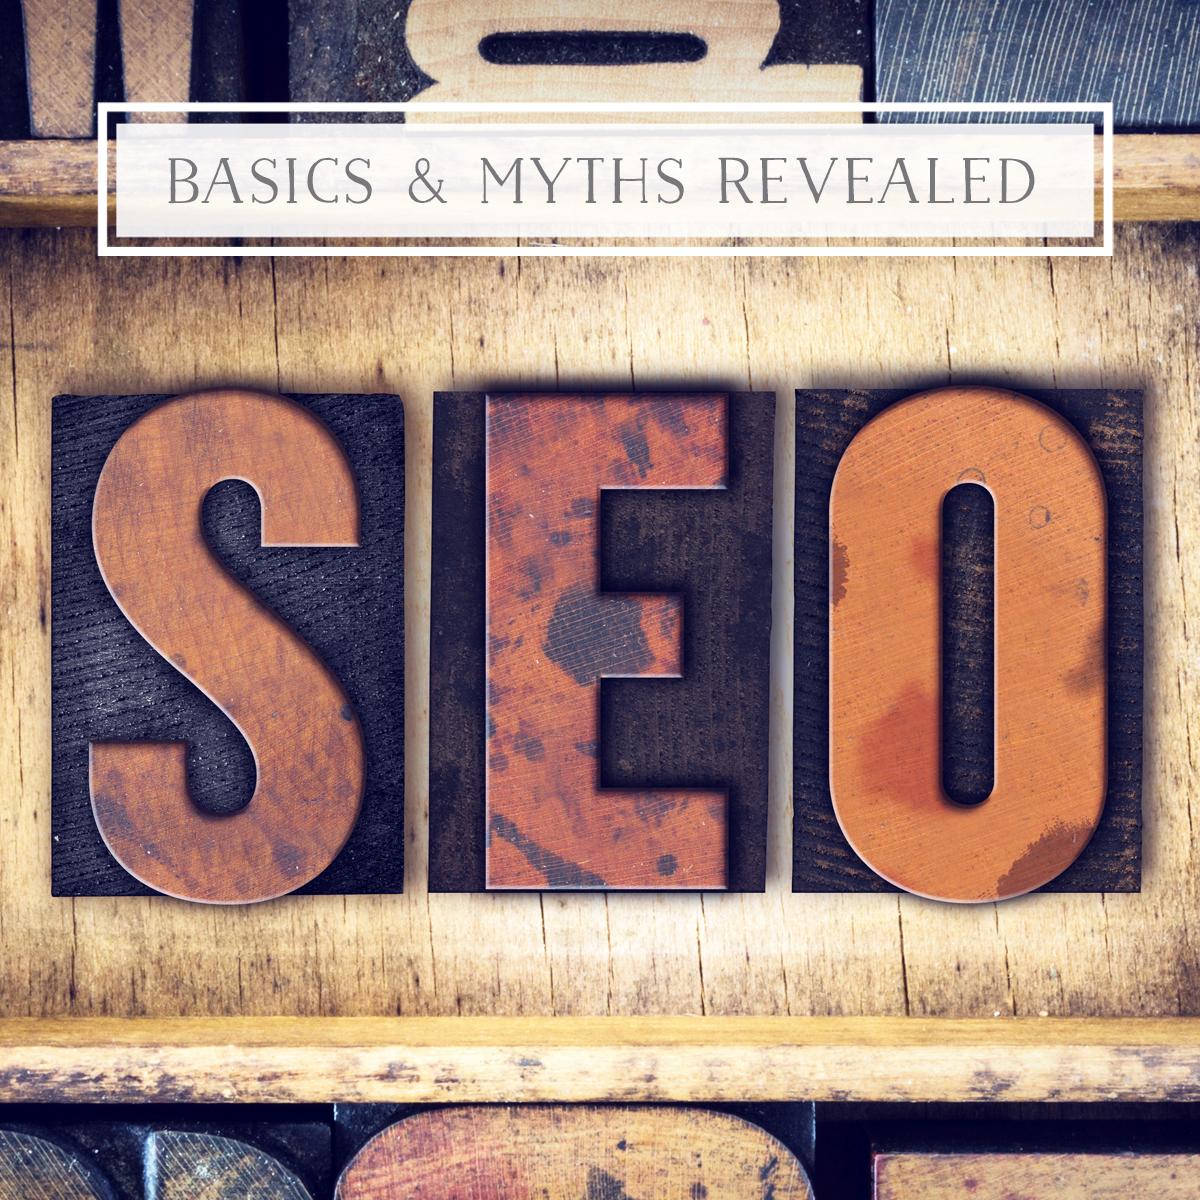 Search Engine Optimization basics and myths revealed